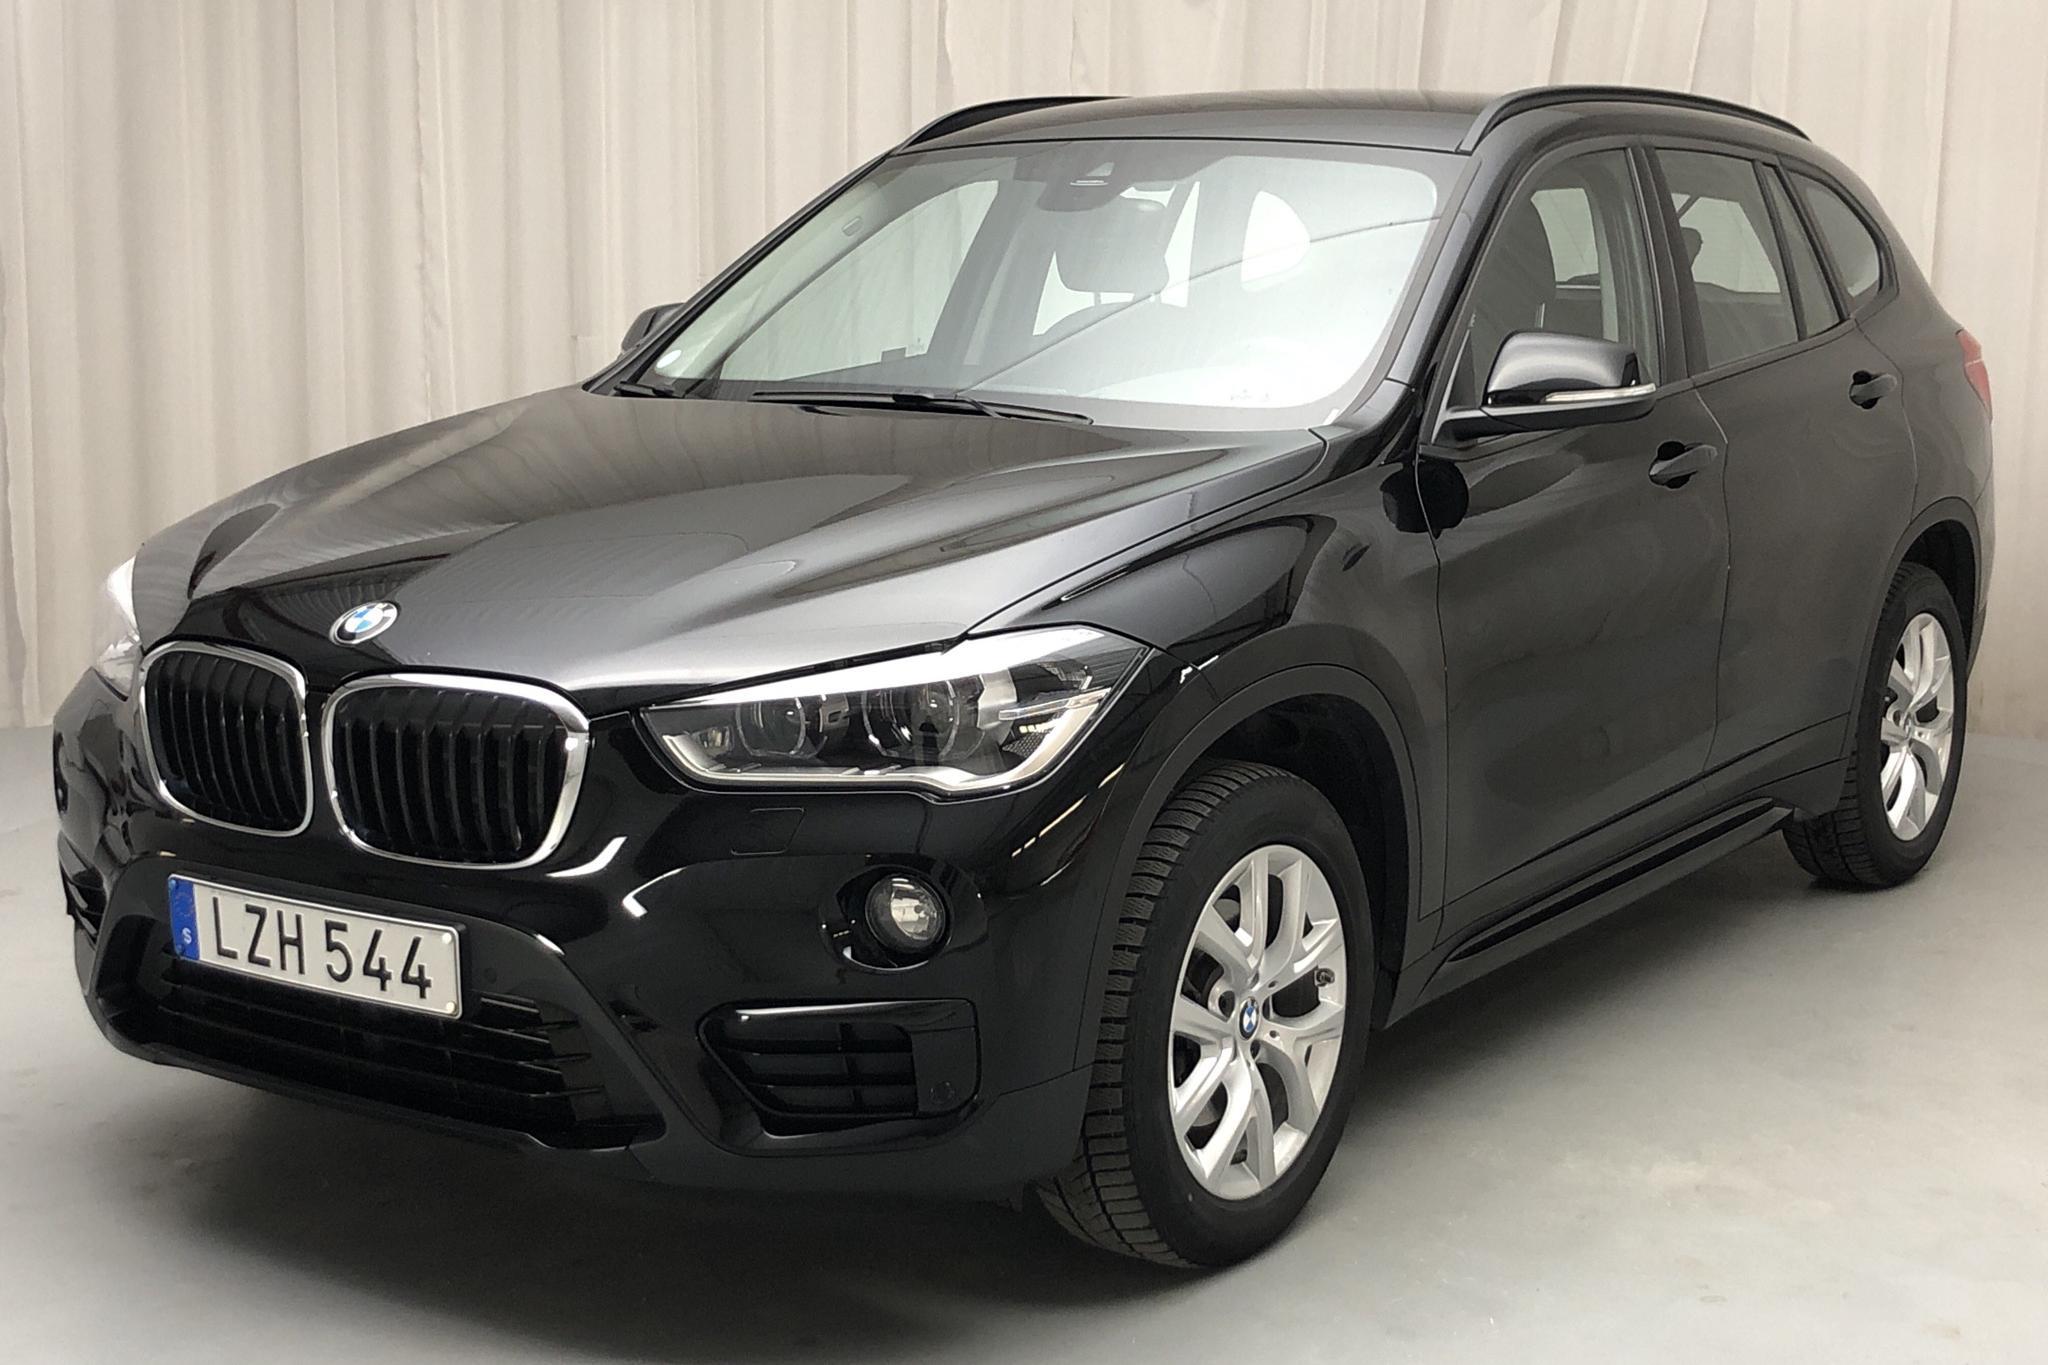 BMW X1 xDrive18d, F48 (150hk) - 78 790 km - Automatic - black - 2018